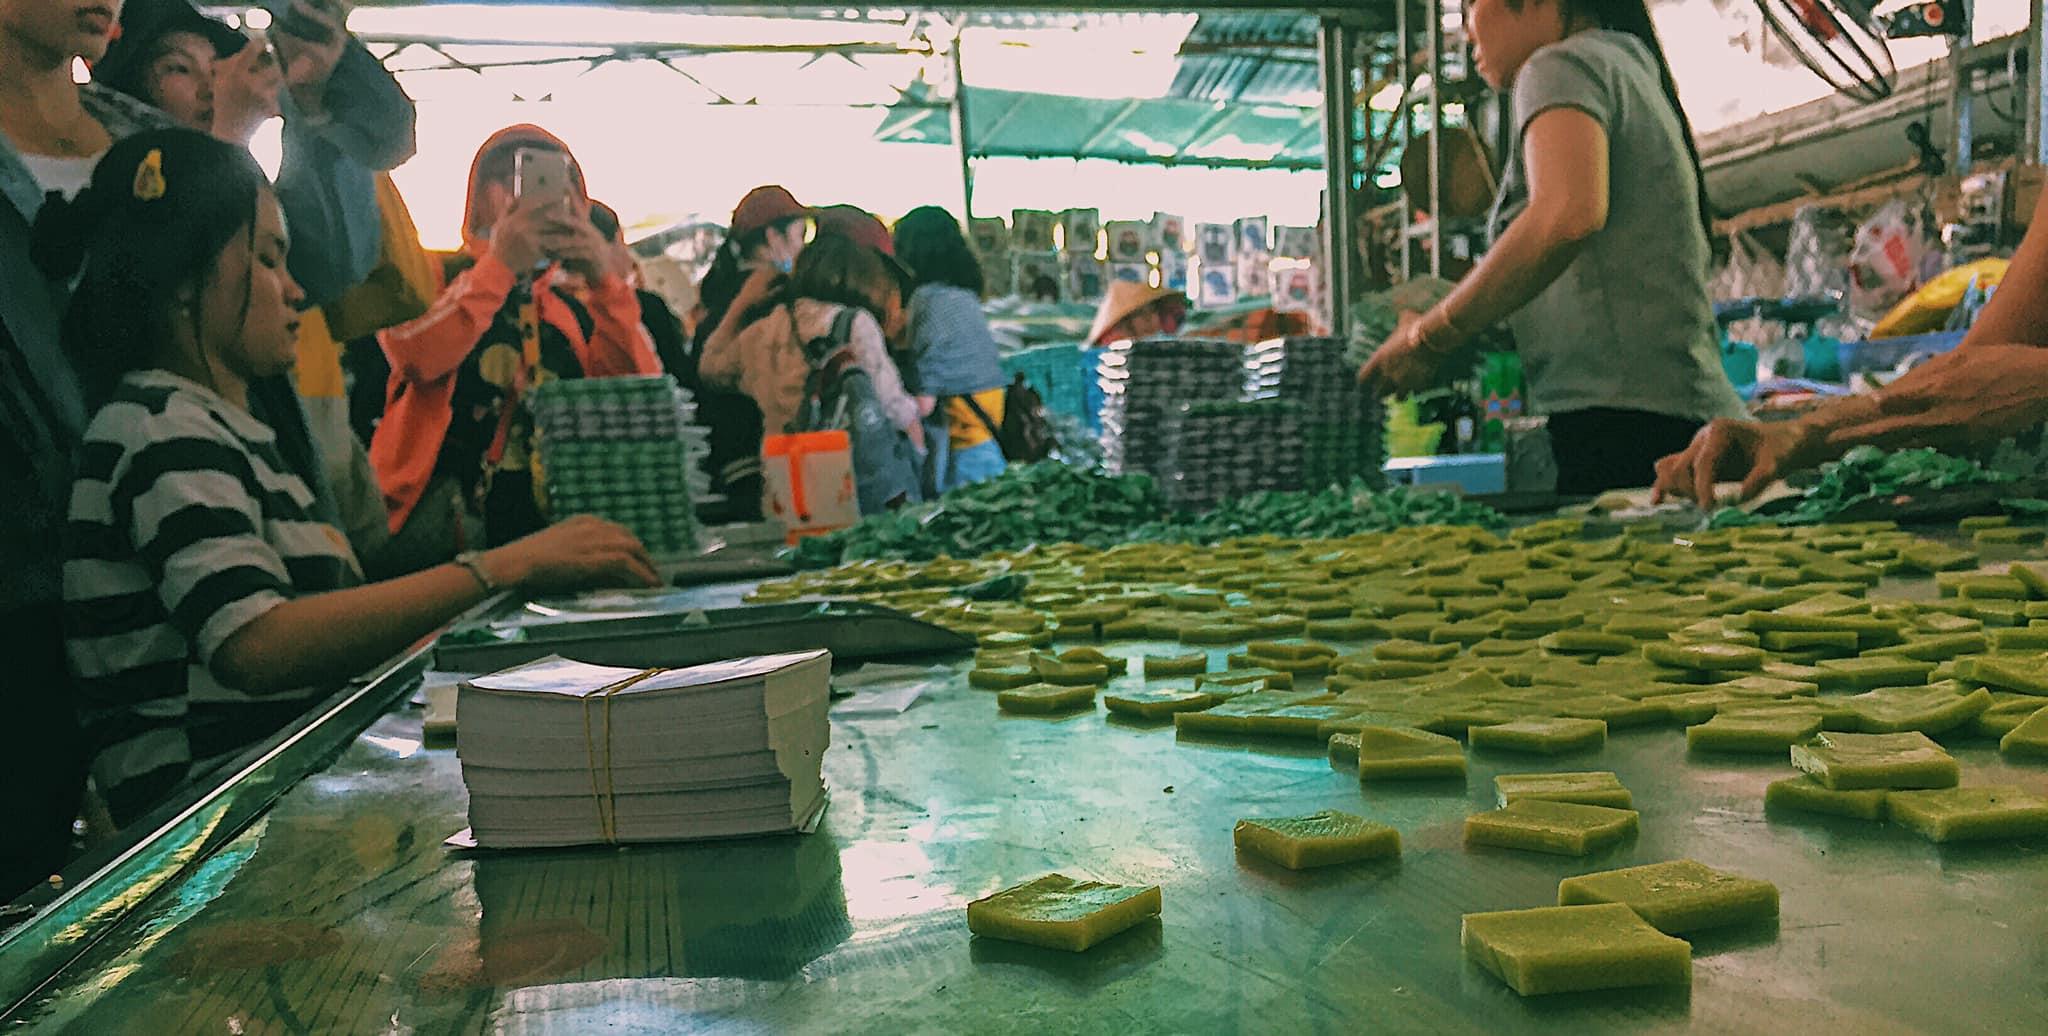 kẹo dừa đặc sản Bến Tre – du lịch Sóc Trăng